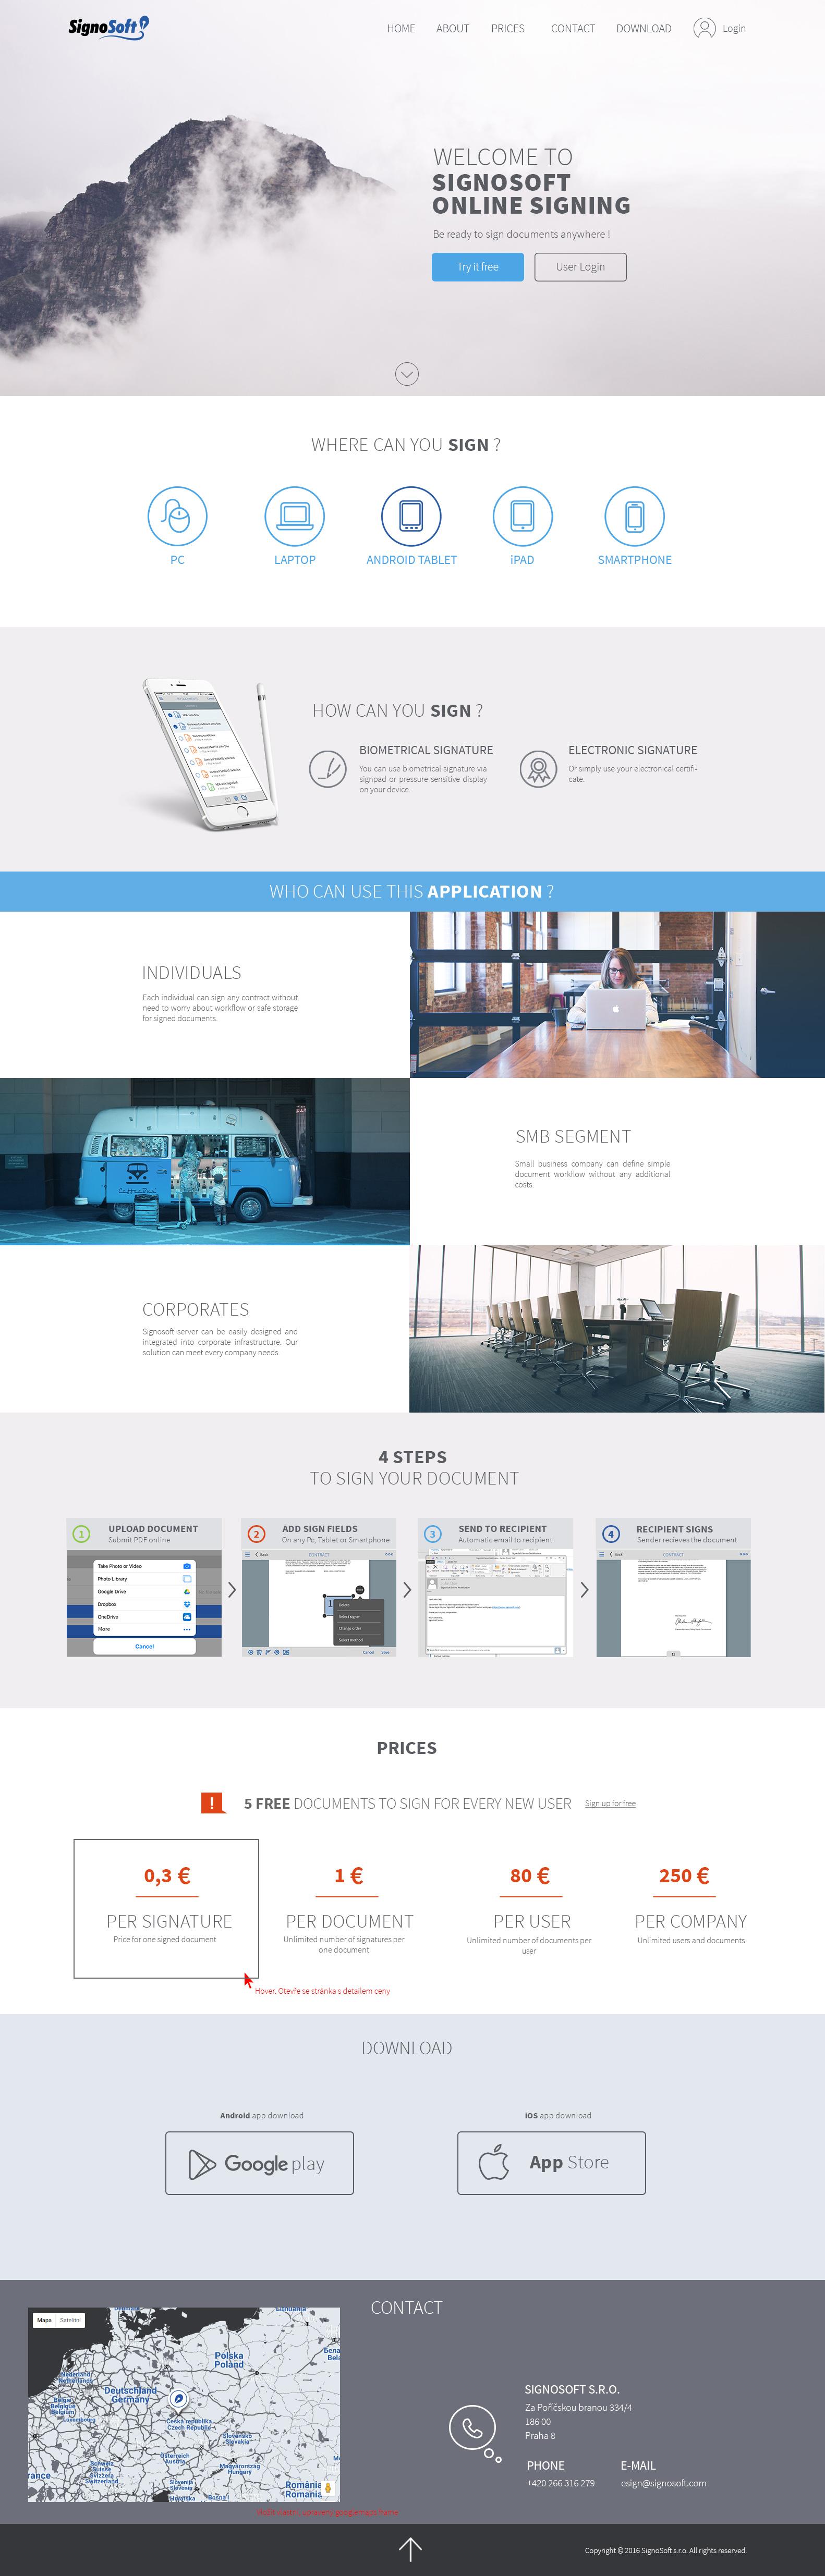 signosoft-angular-webpage